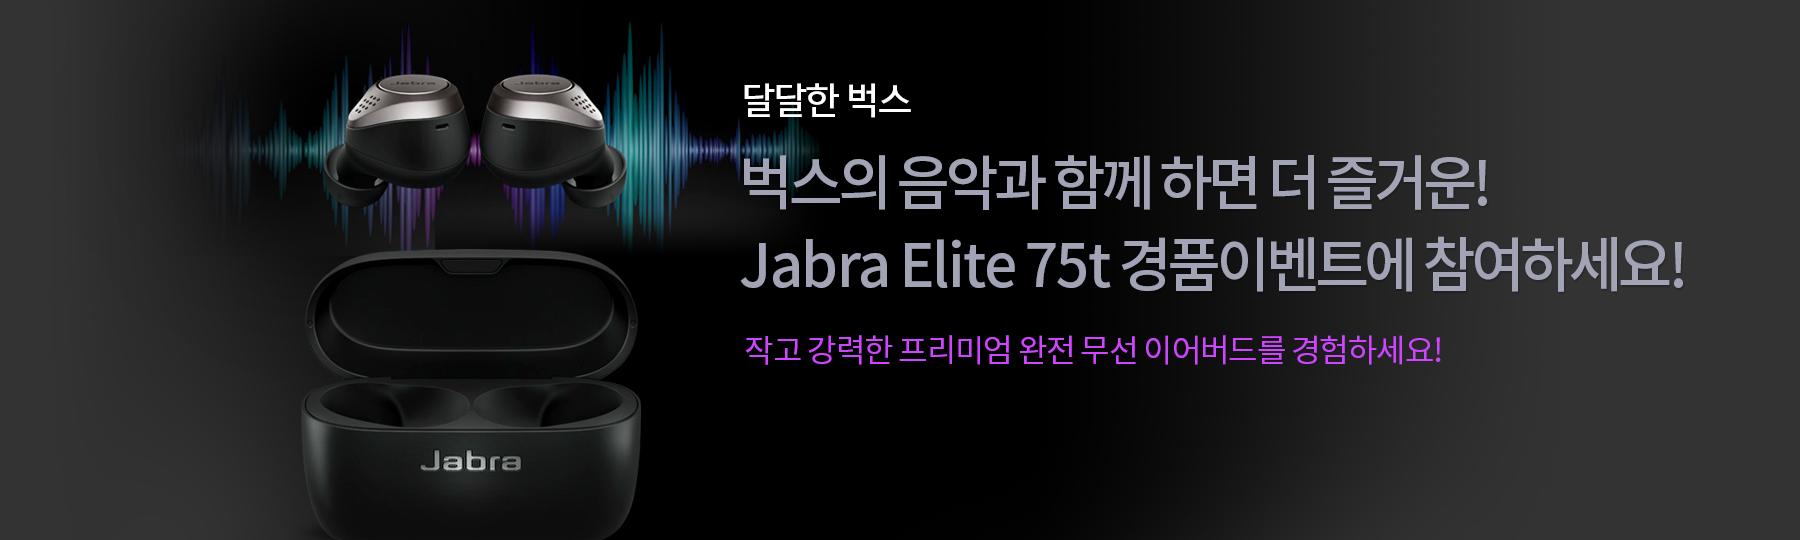 달달한1월 Jabra 75T 경품 이벤트